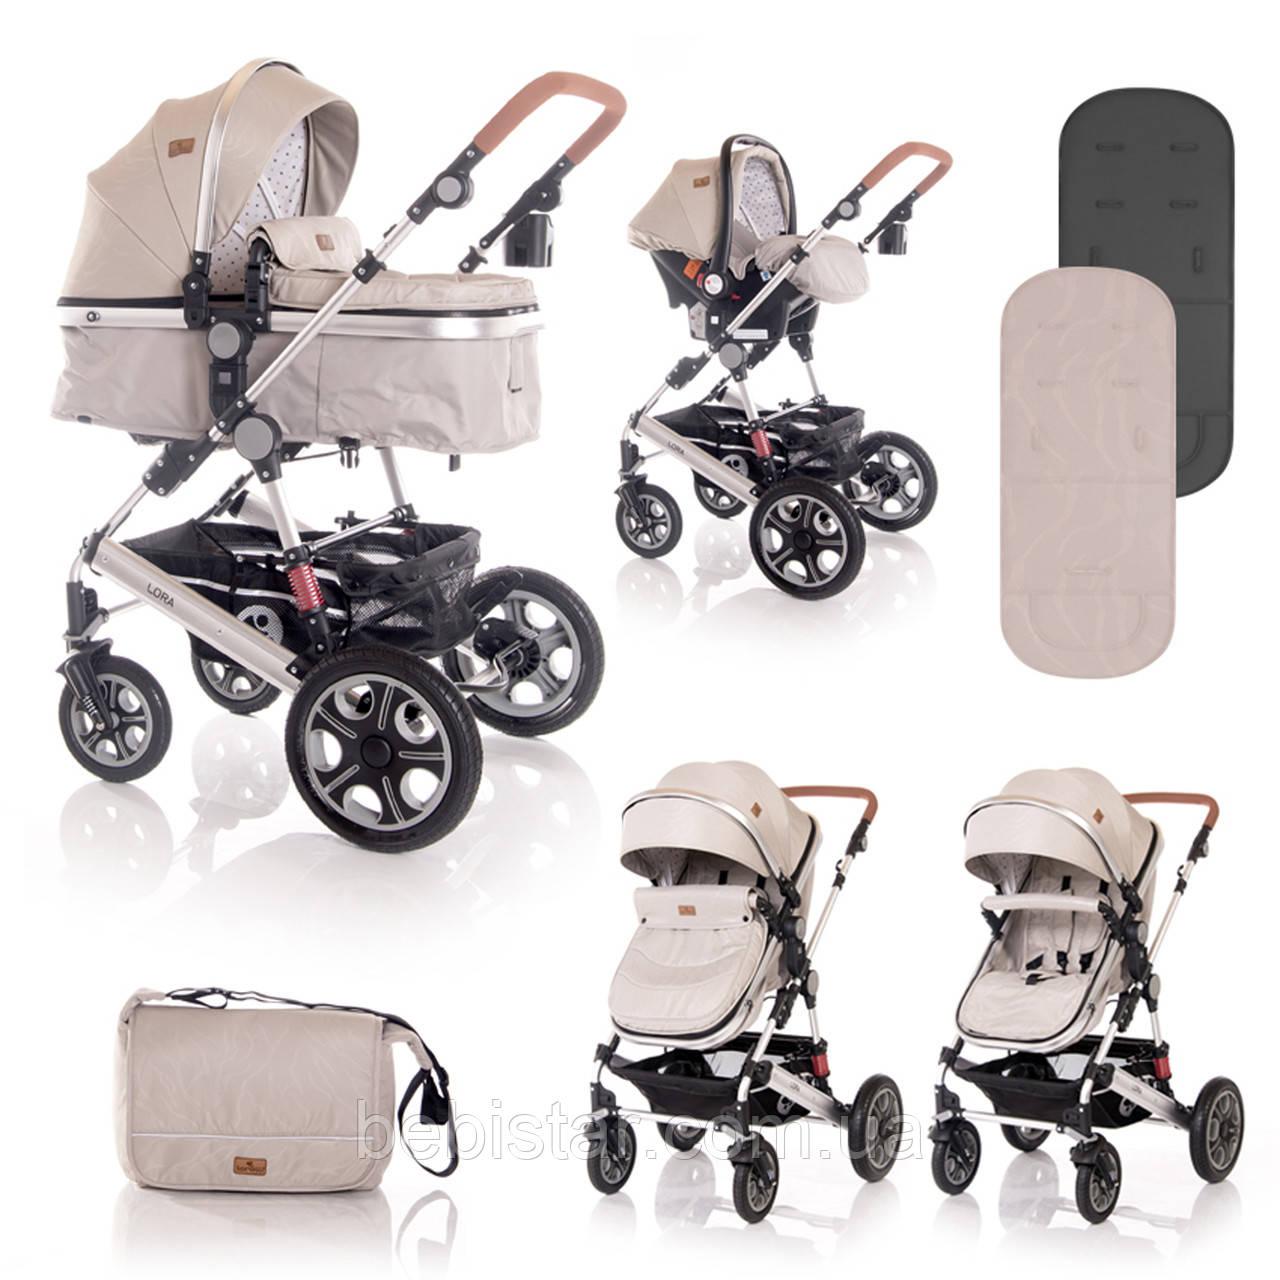 Детская универсальная коляска 3в1 бежевая Lorelli Lora set с автокреслом детям от рождения и до 3 лет